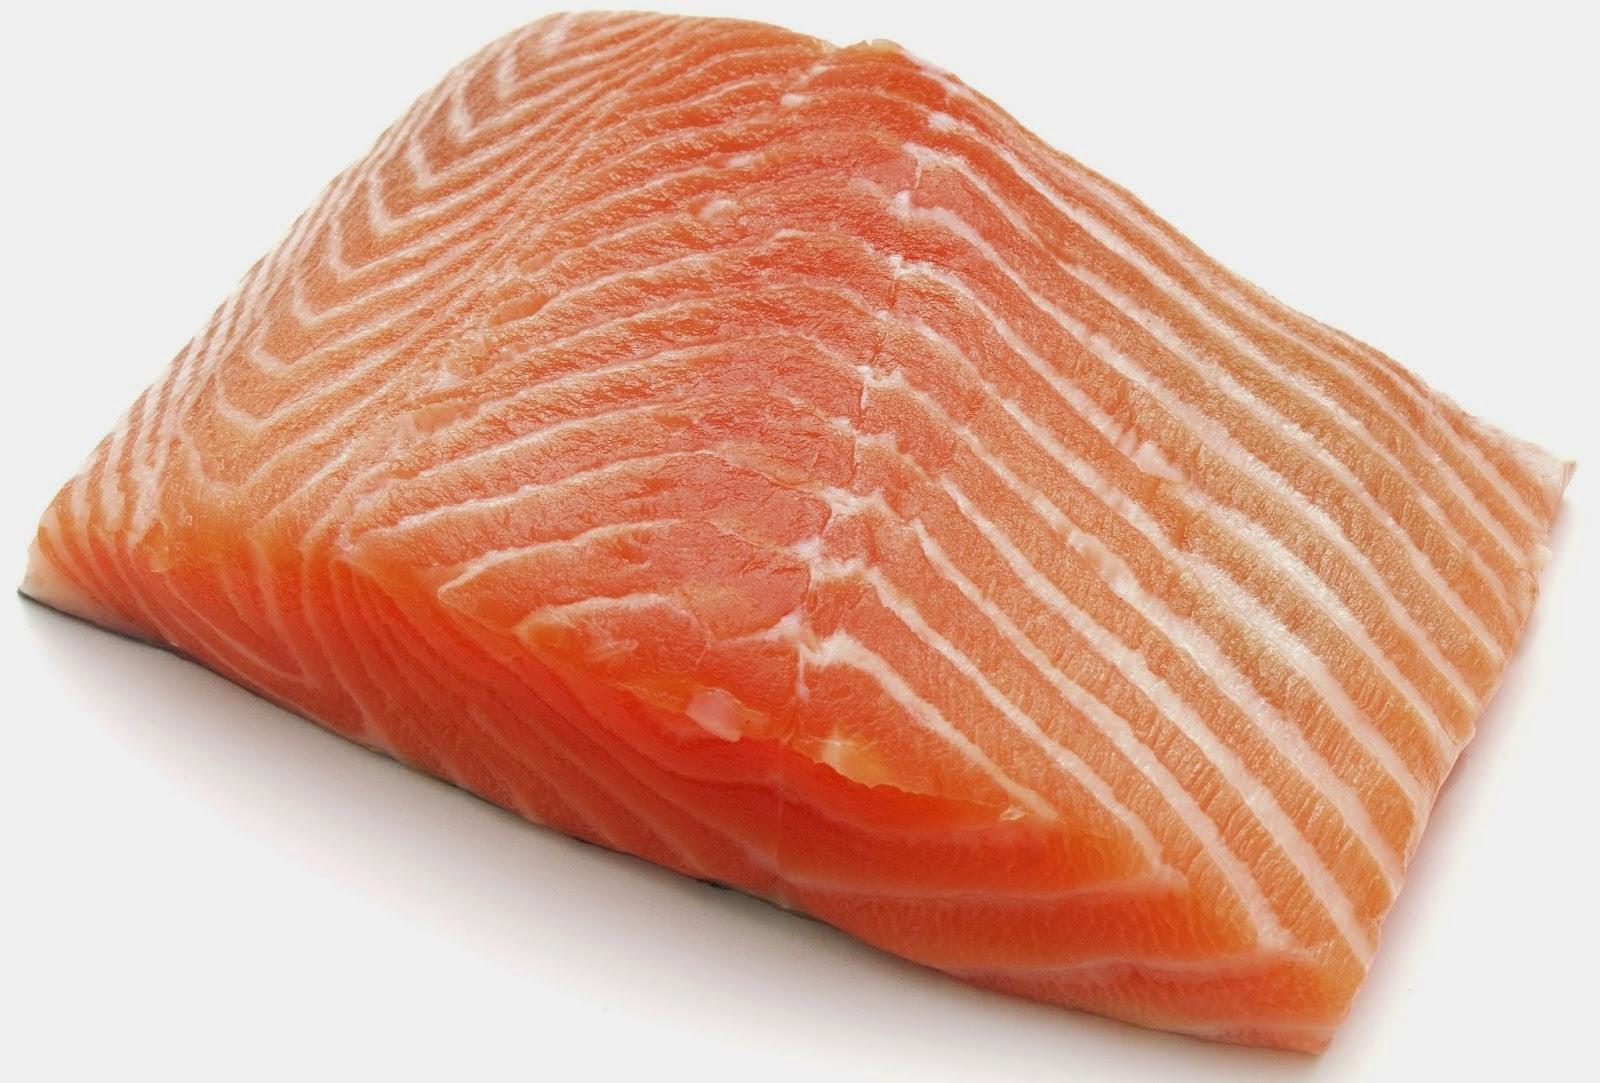 Beneficios del pescado para el corazón